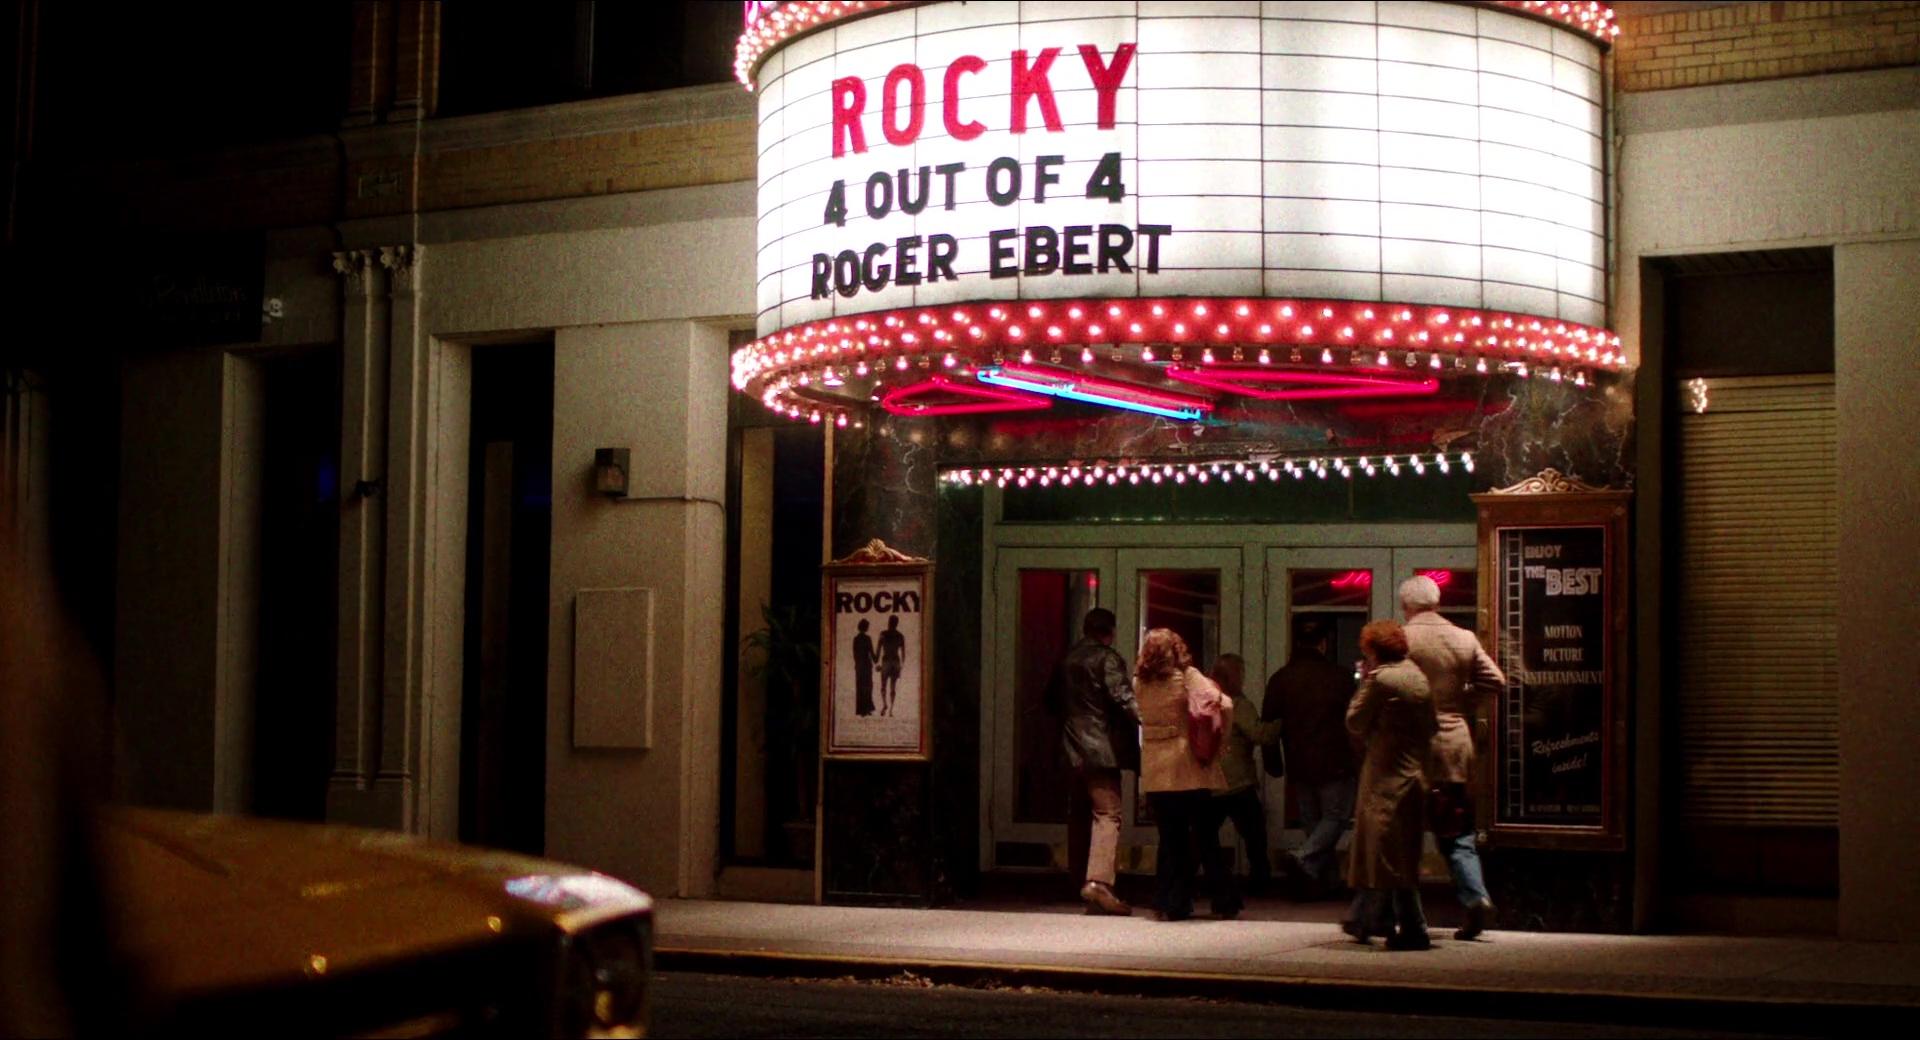 Chuck film still 1